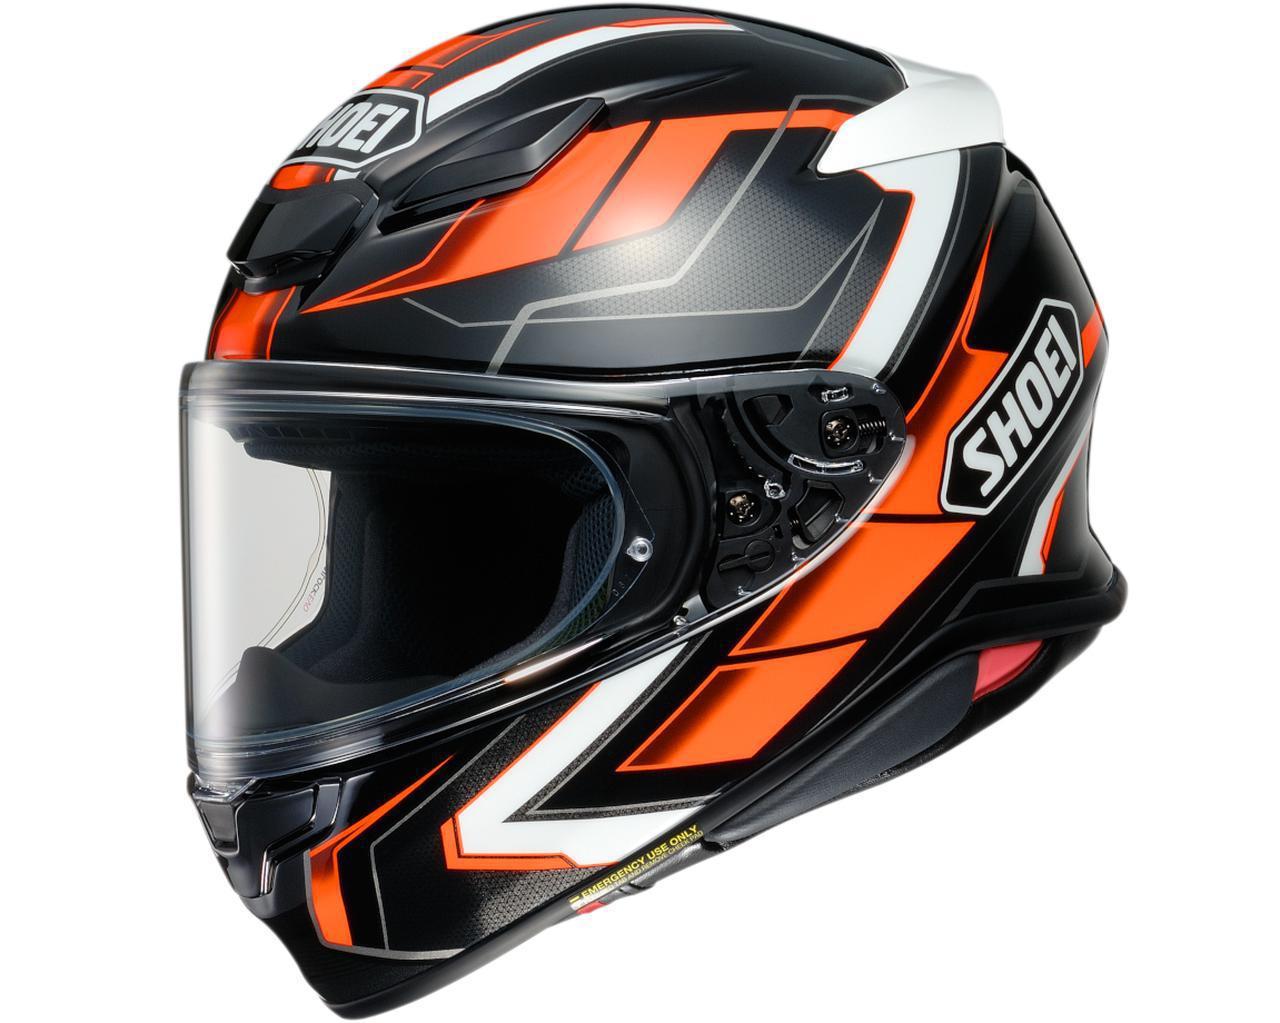 画像27: SHOEIの新型ヘルメット「Z-8」グラフィックモデル・まとめ|2021年5月末までに6モデル計13種のカラーが登場